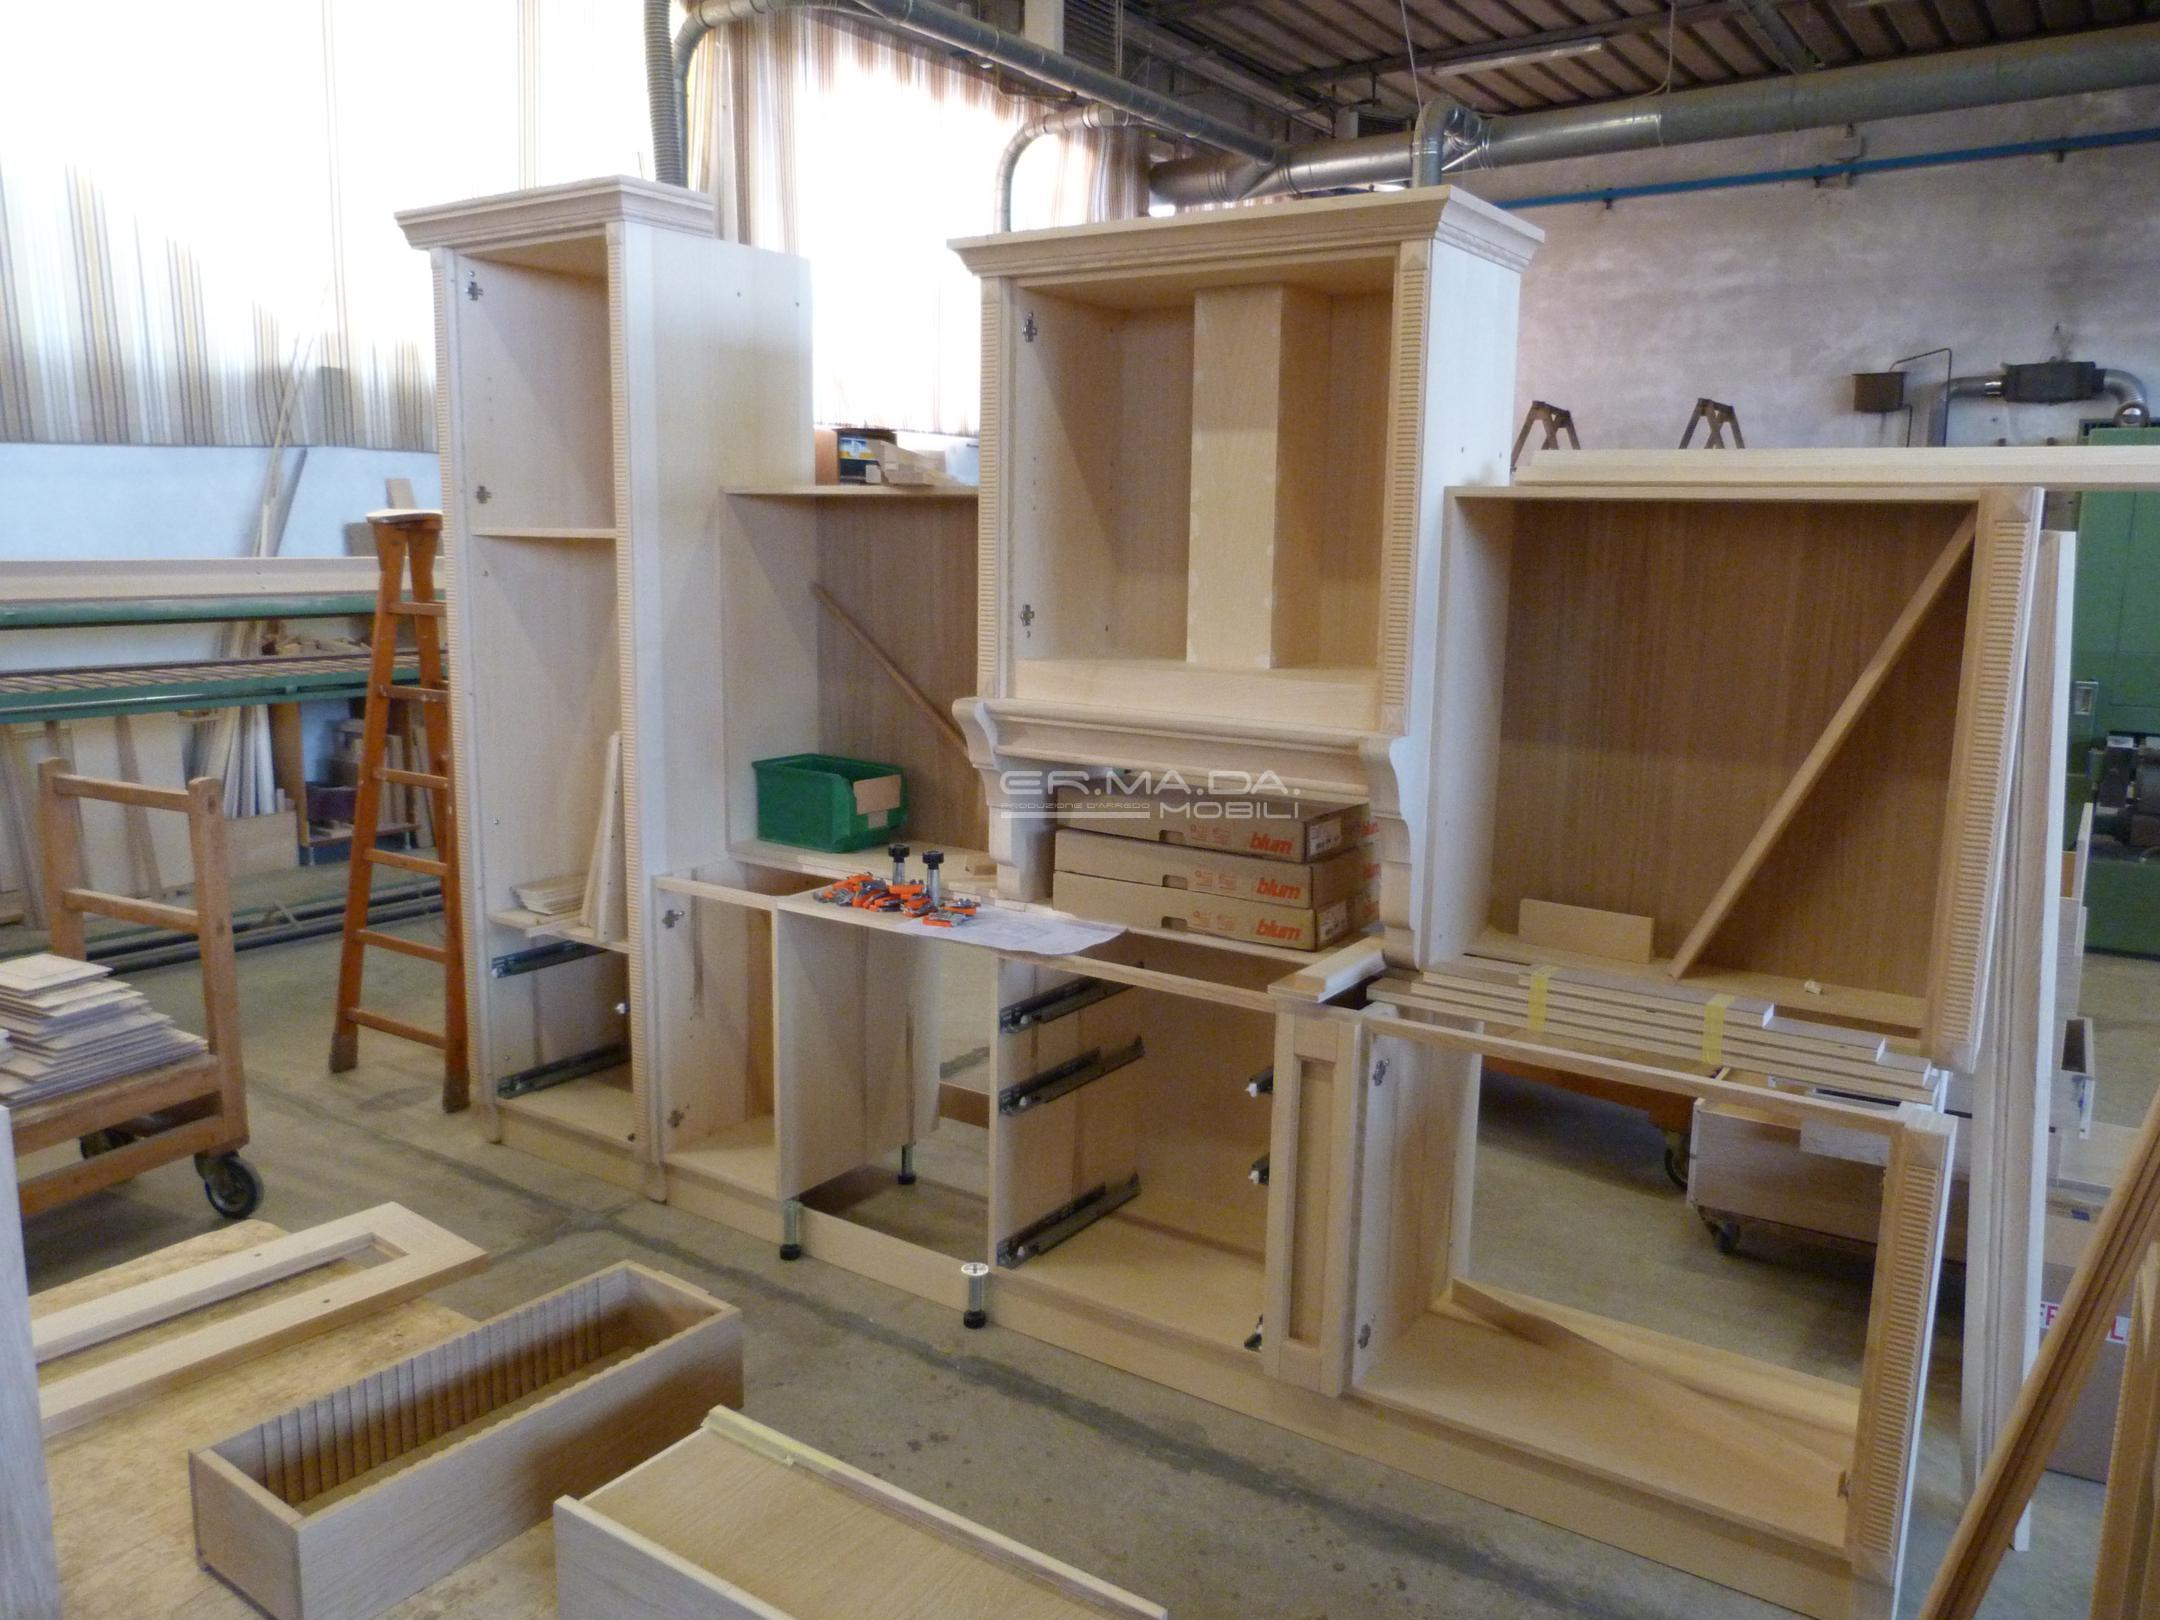 Cucina classica er ma da mobilificio progetta e for Progetta i tuoi piani di costruzione